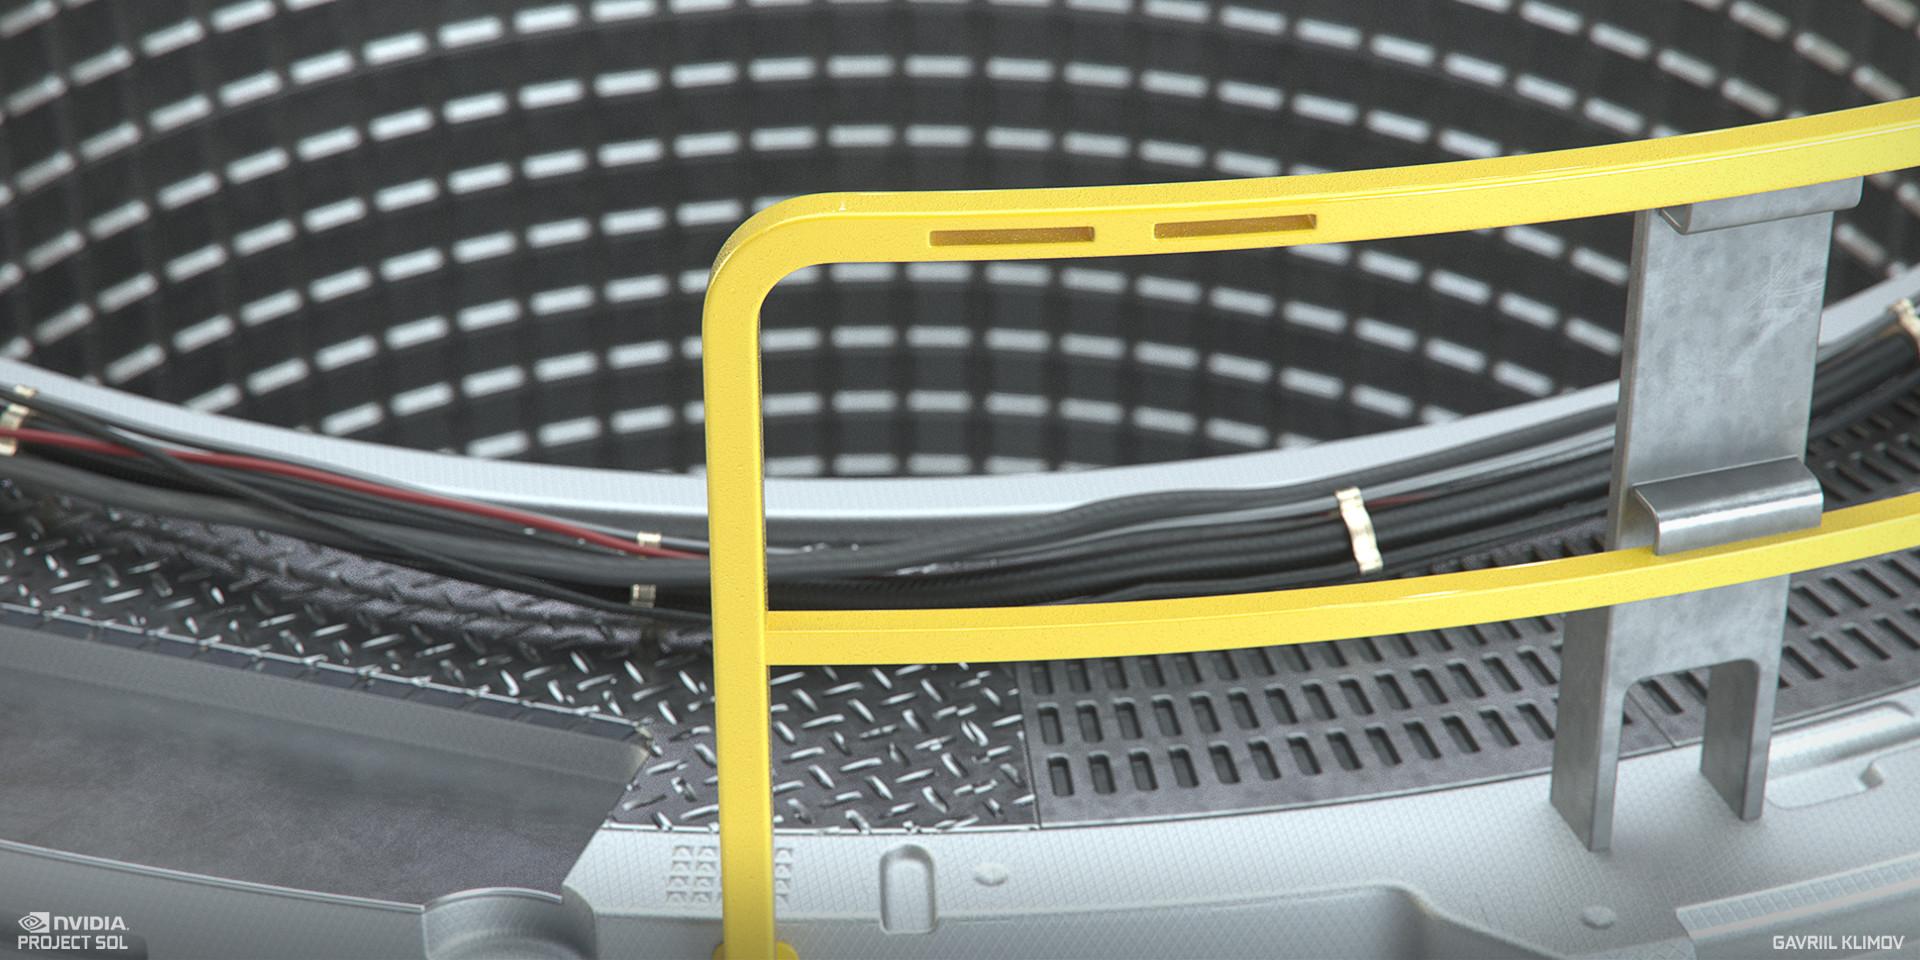 Vis-dev shading close-up render